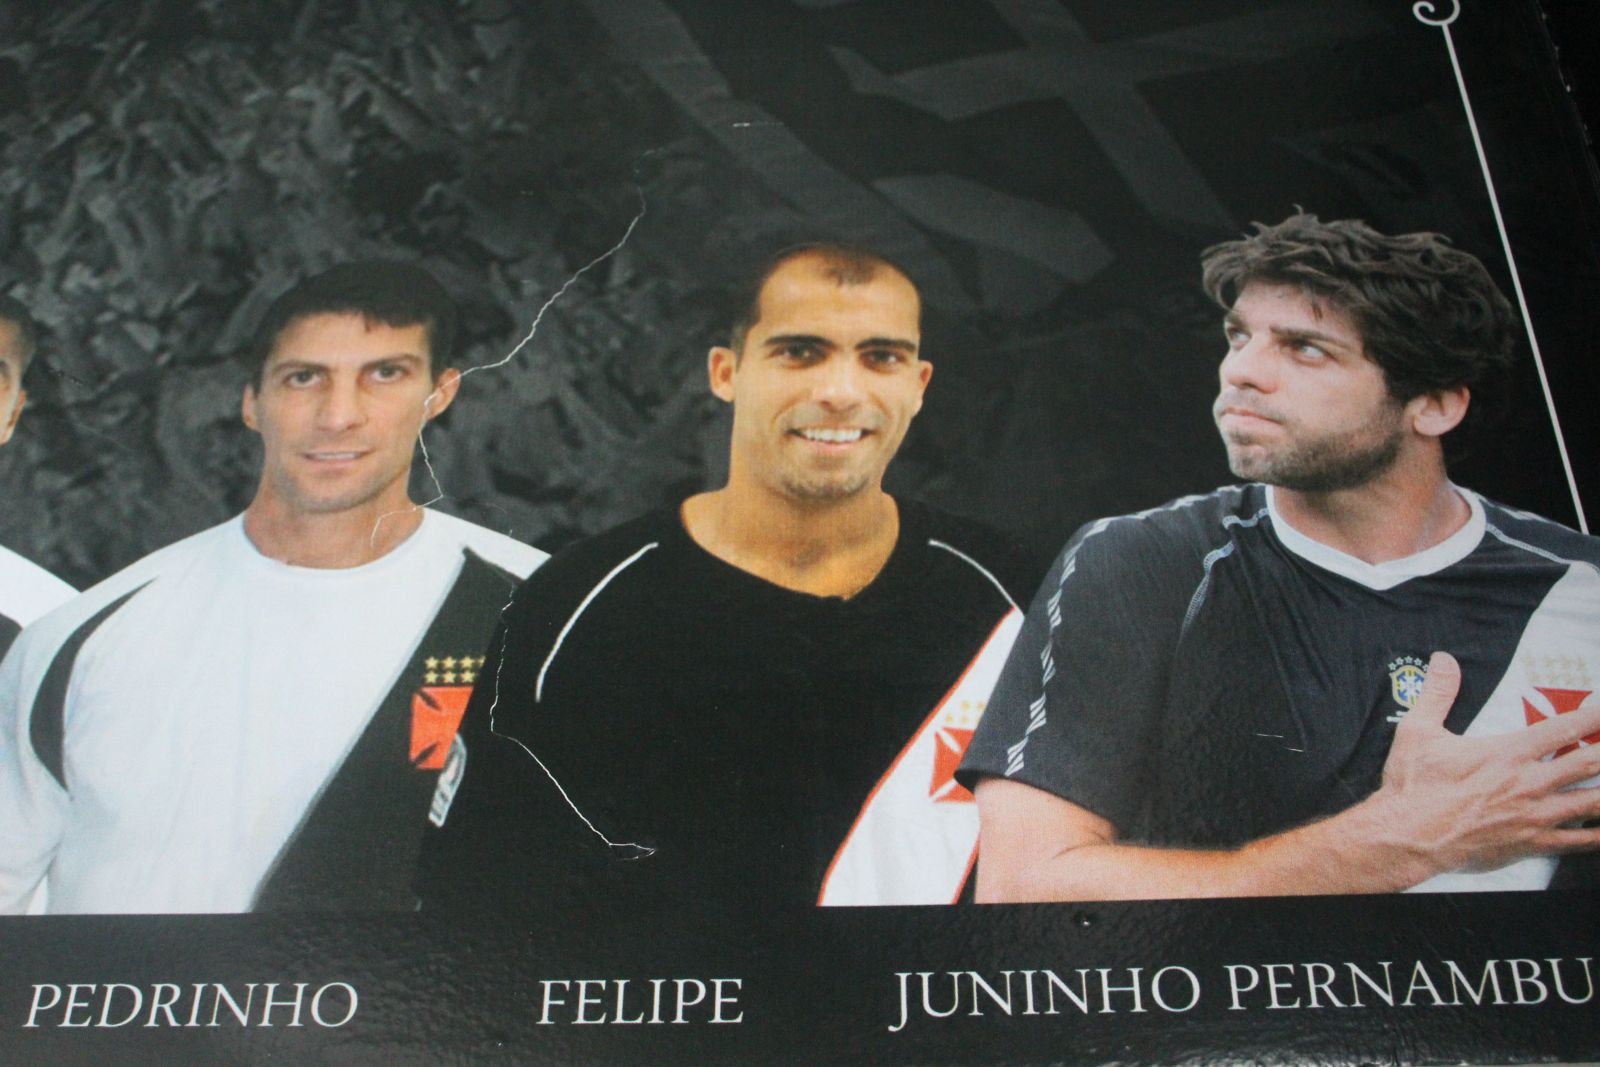 Painel no vestiário principal de São Januário homenageia grandes ... 78f9b20cc68d8